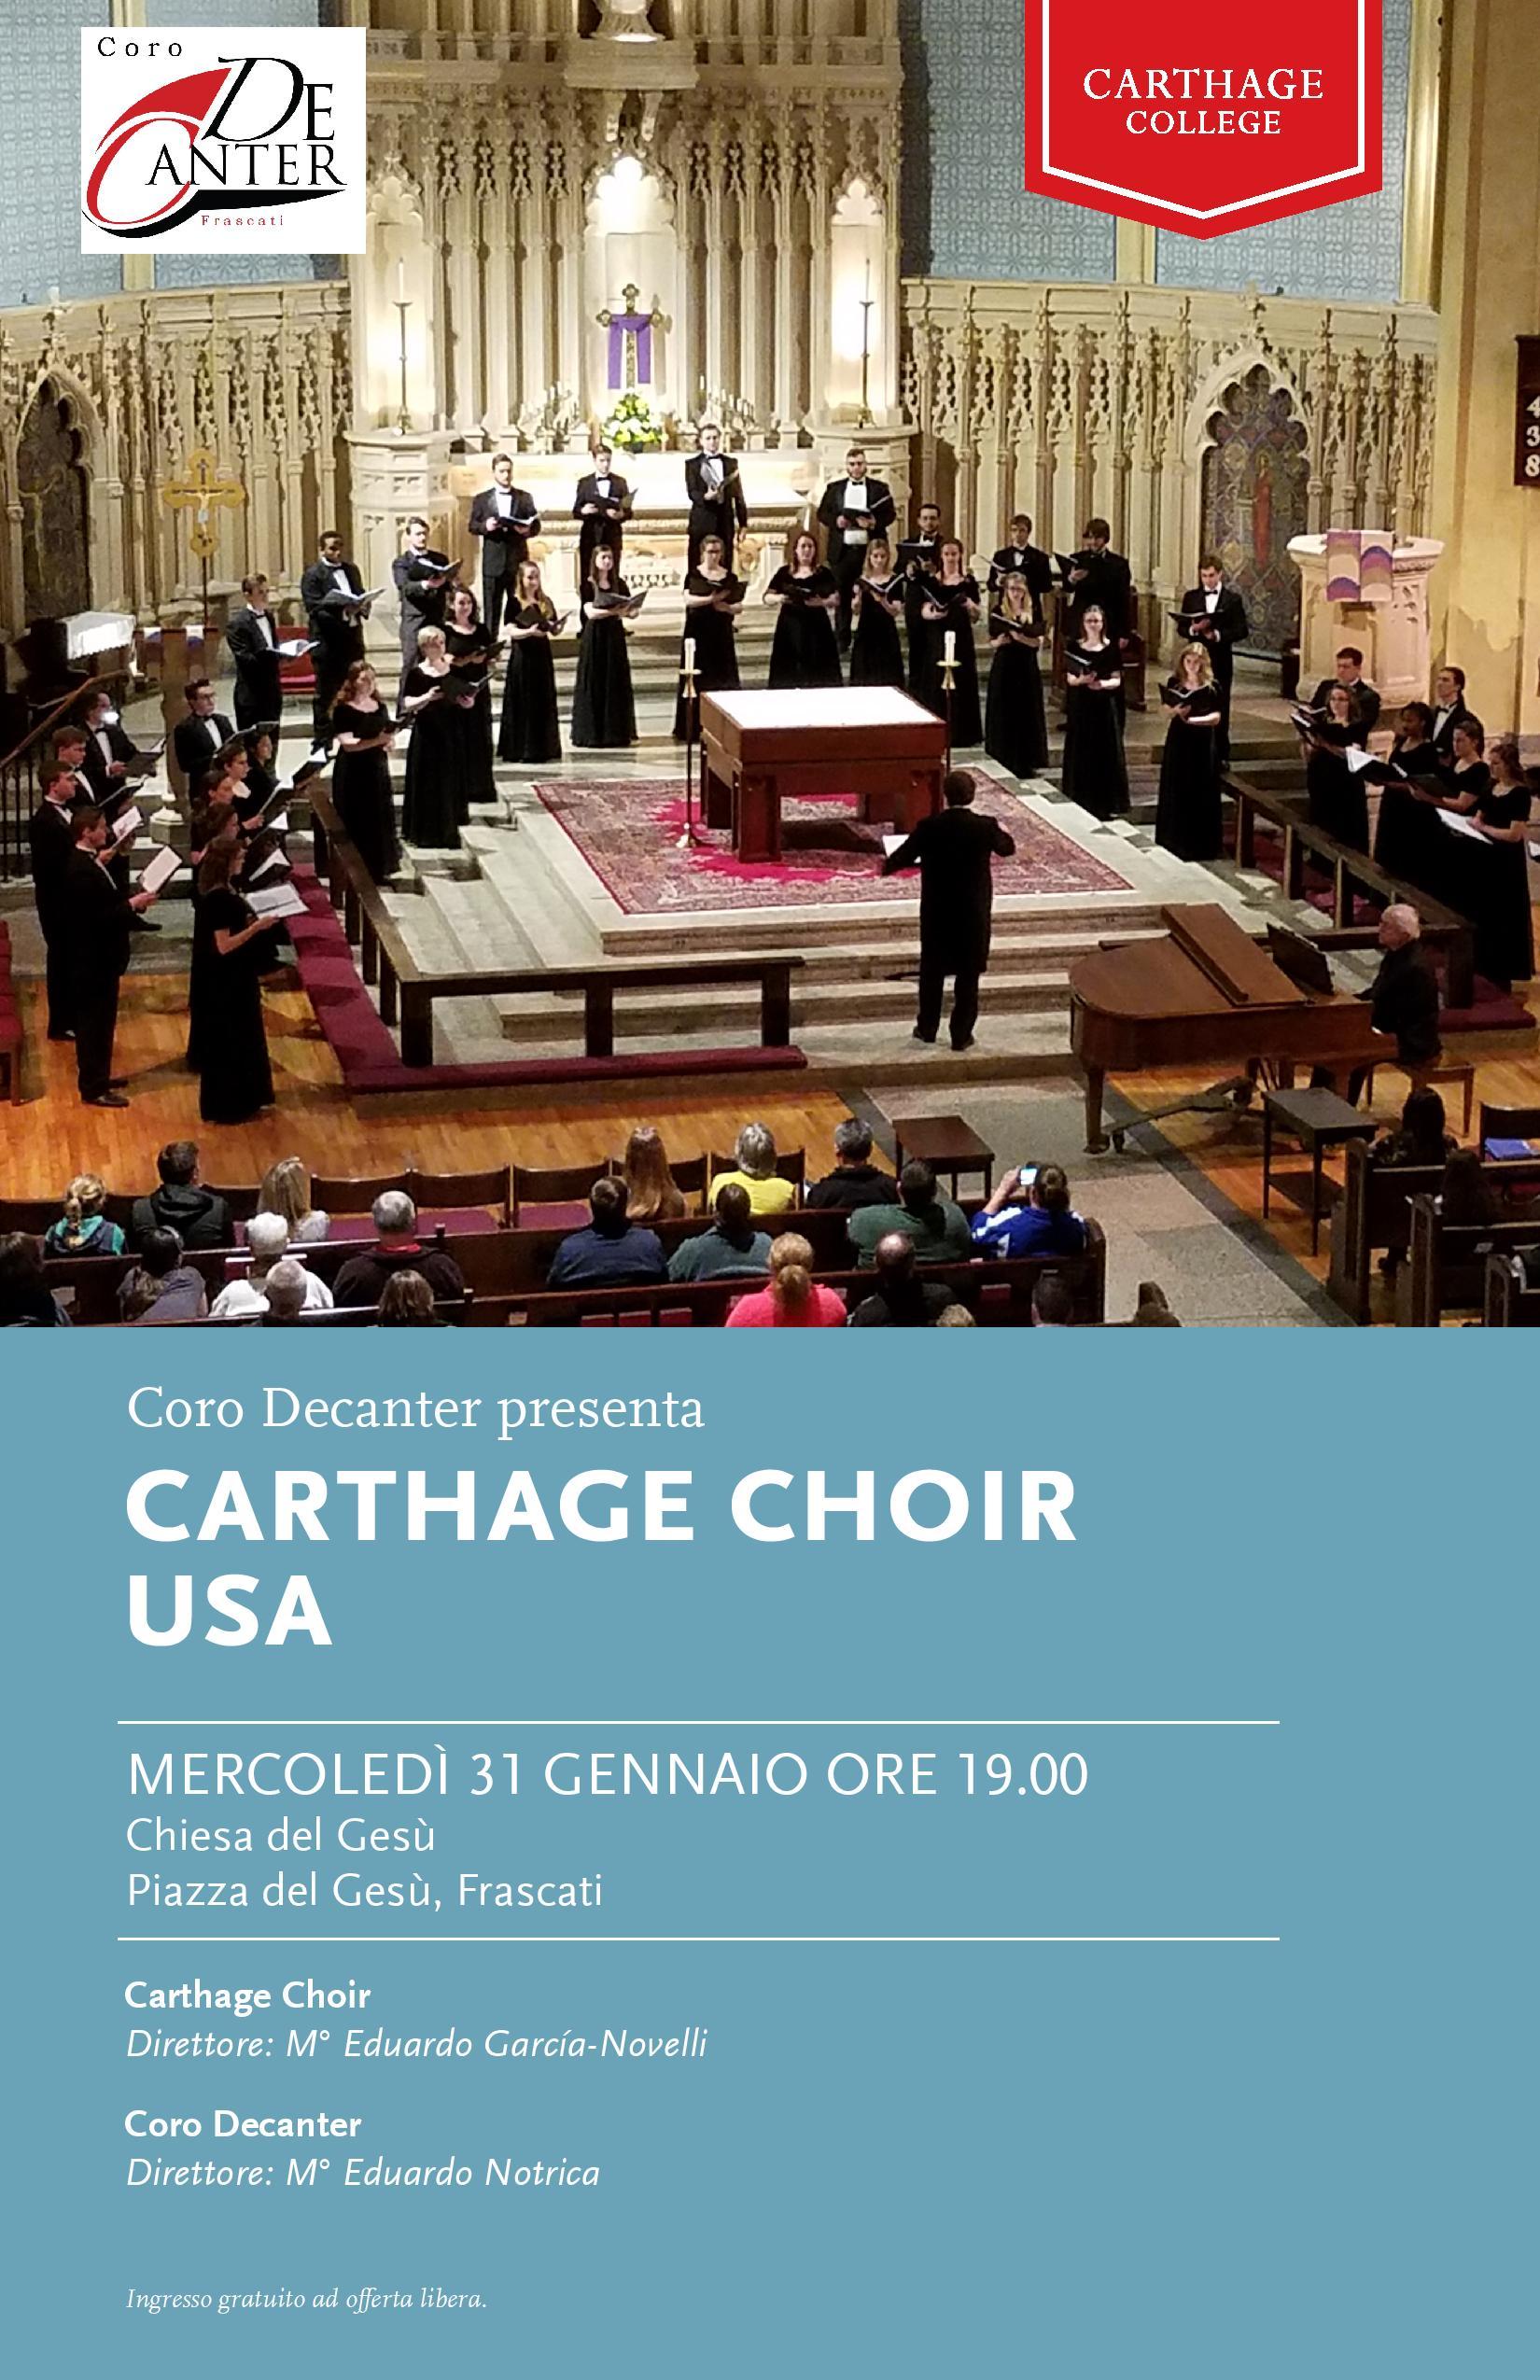 Il Coro DeCanter presenta il Carthage Choir(USA)